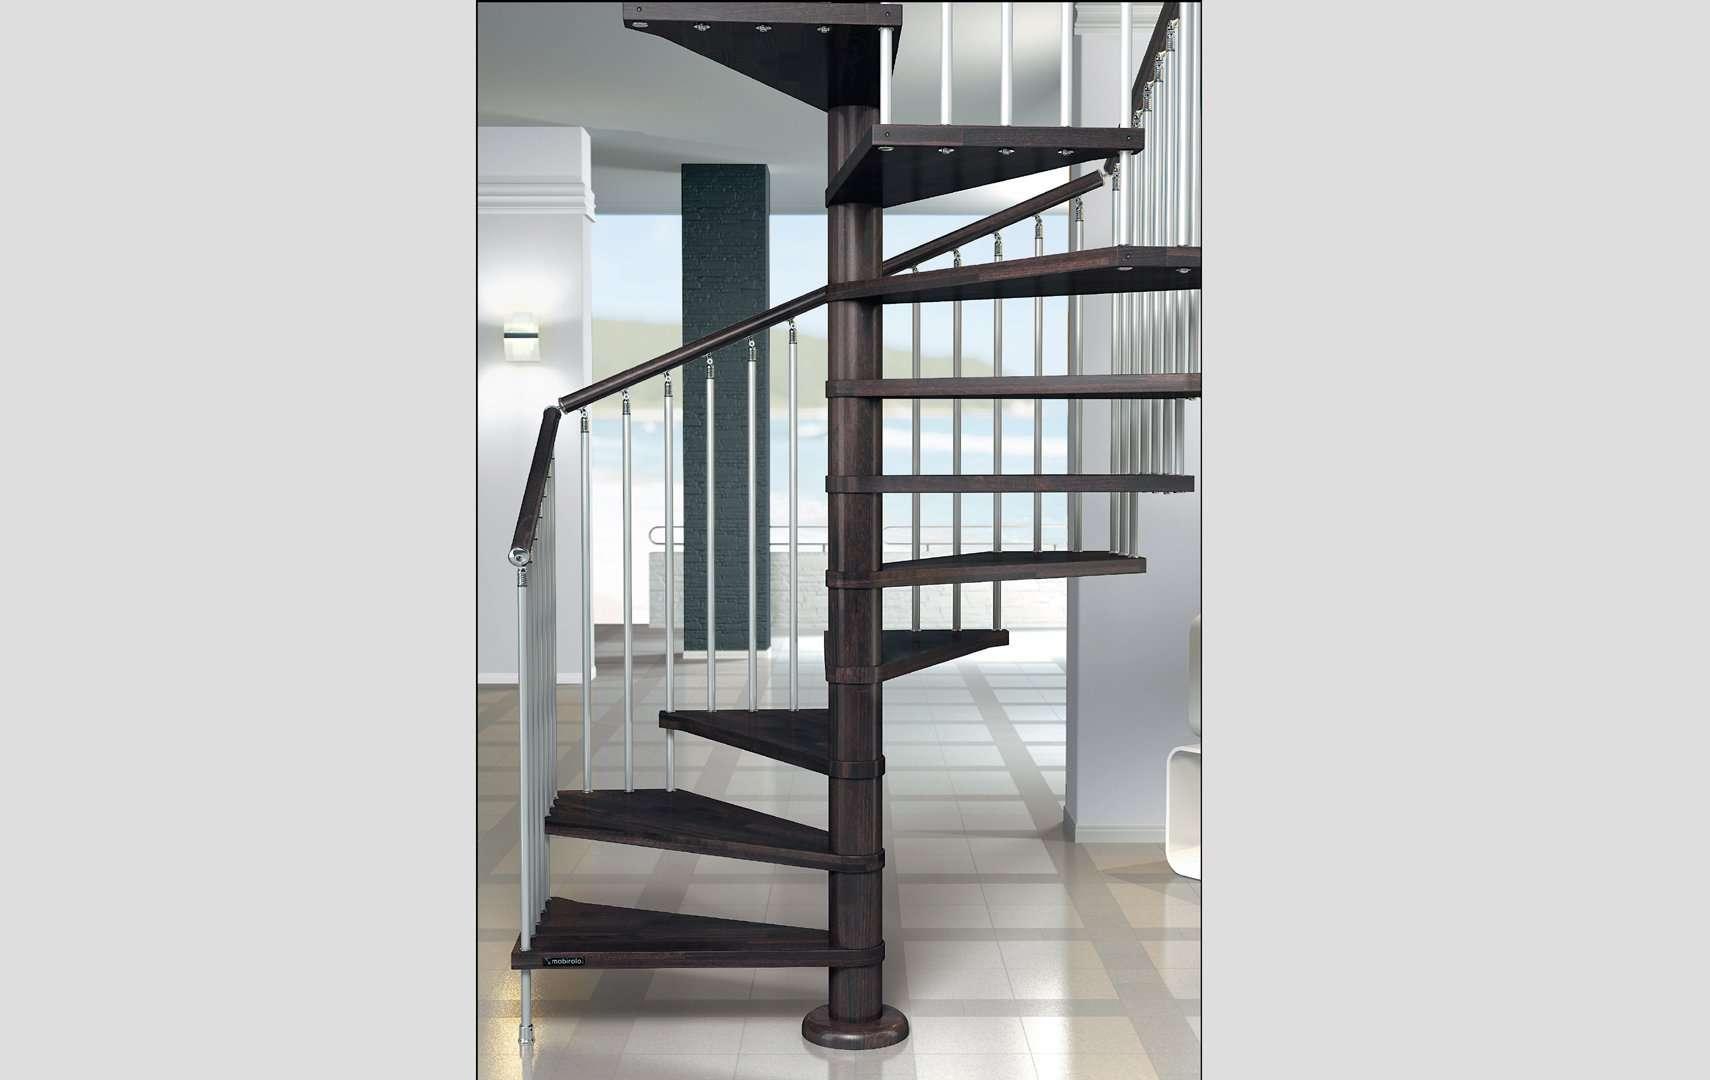 ghibli escaleras italianas escaleras de madera maciza escaleras para exteriores escaleras en metal escaleras escaleras de caracol